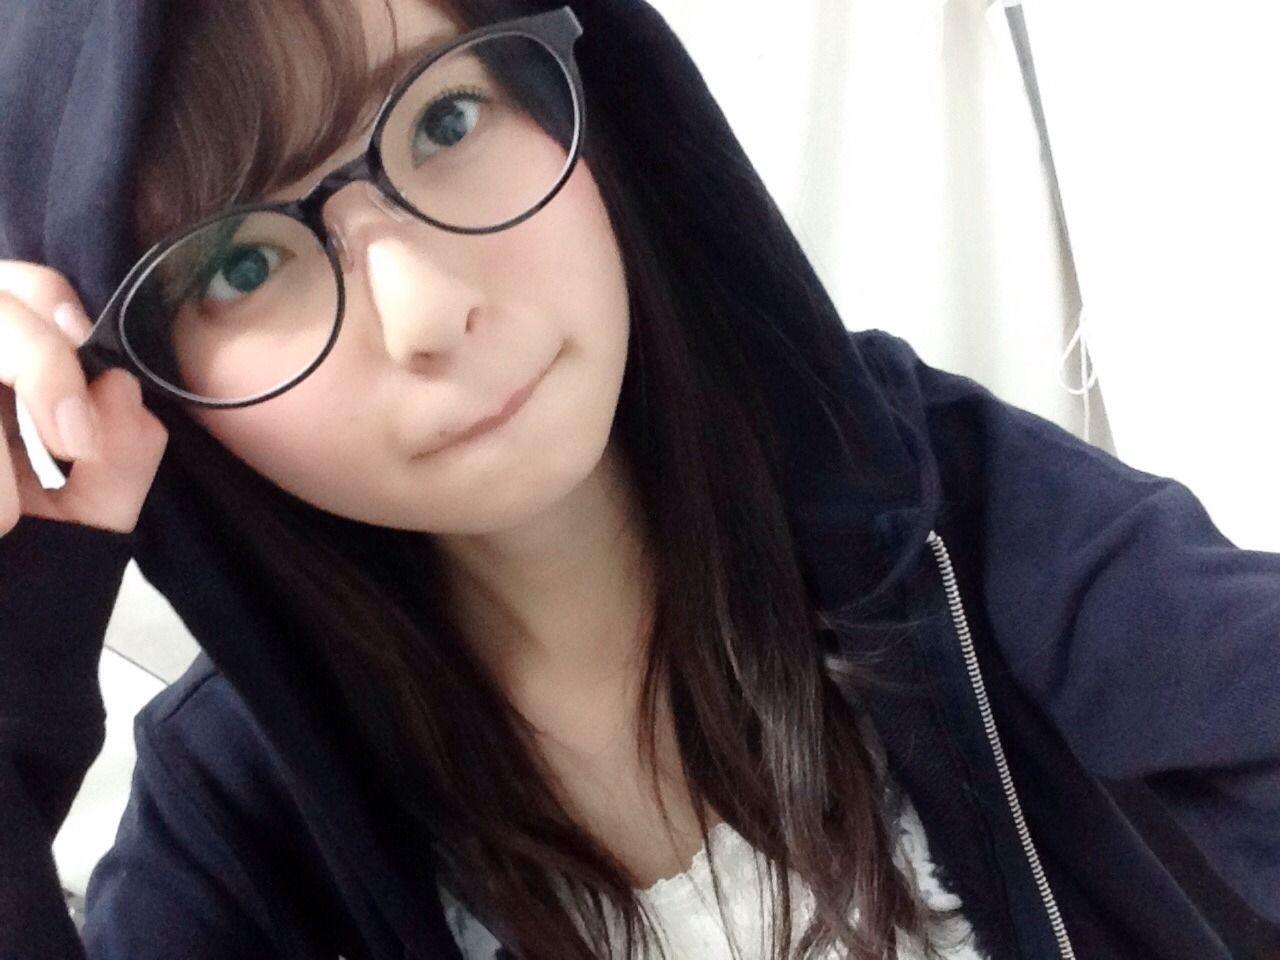 黒ぶちメガネをかける齋藤飛鳥